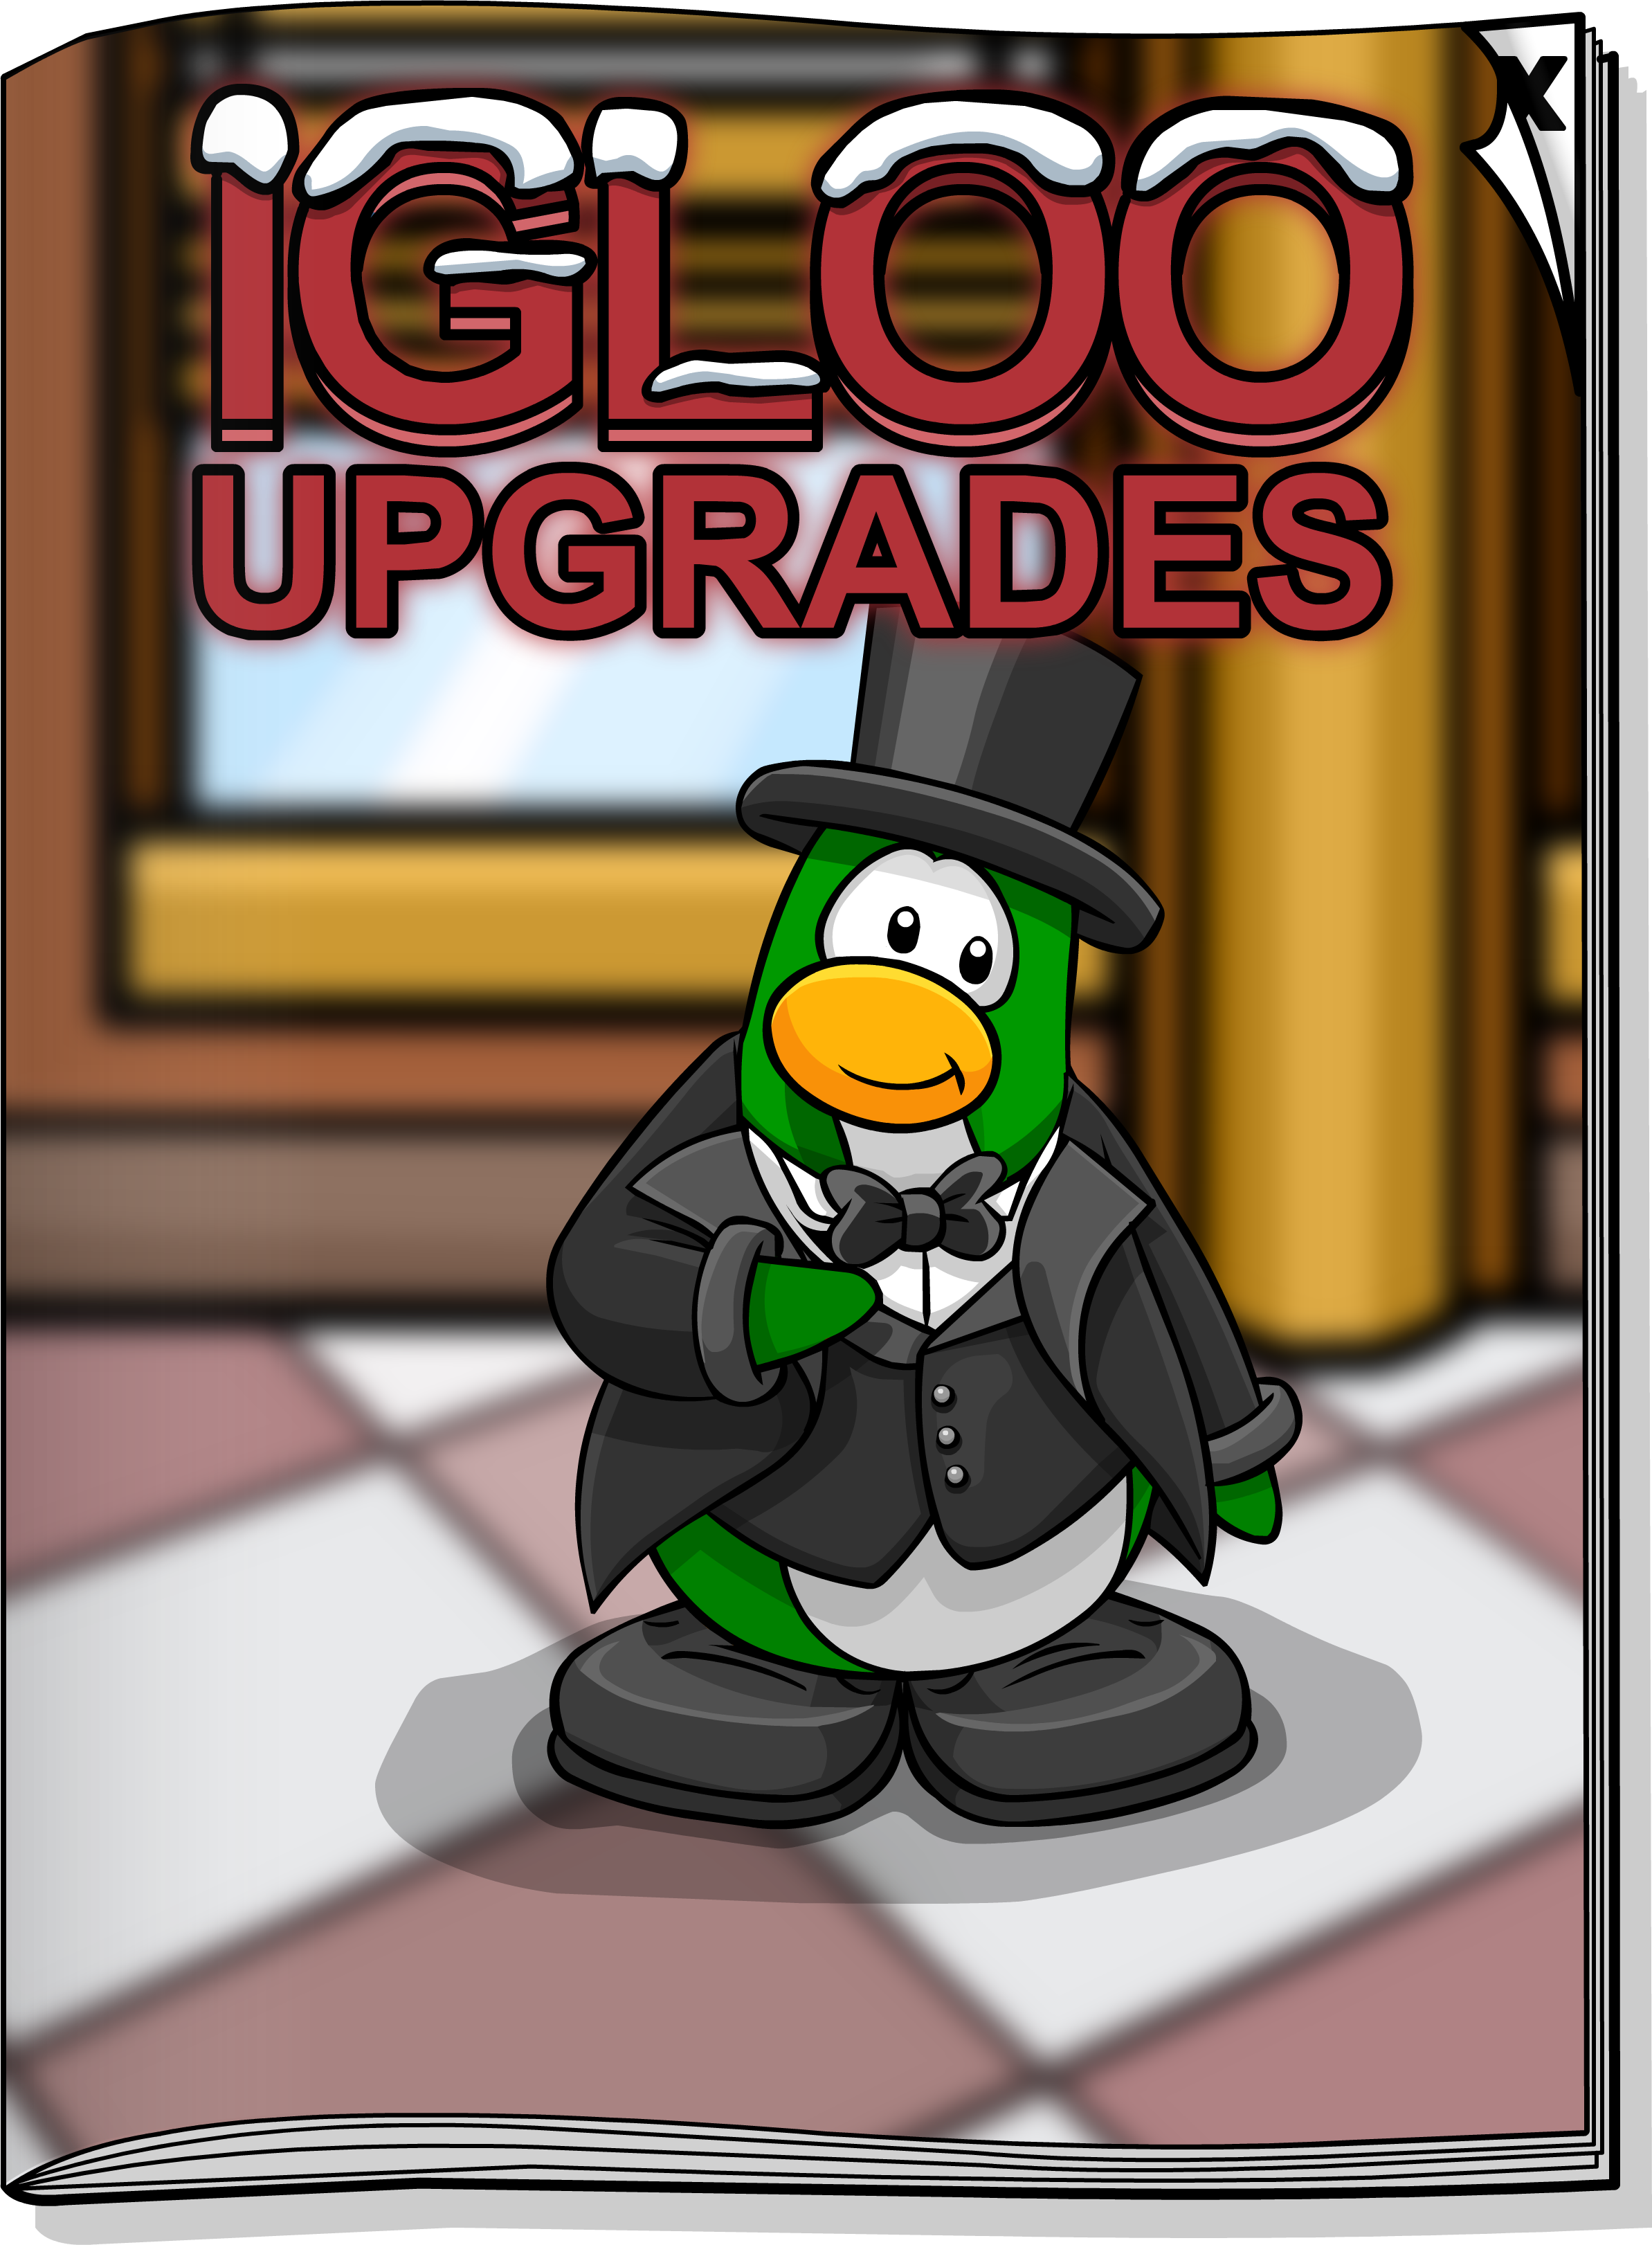 Igloo Upgrades Jan'20